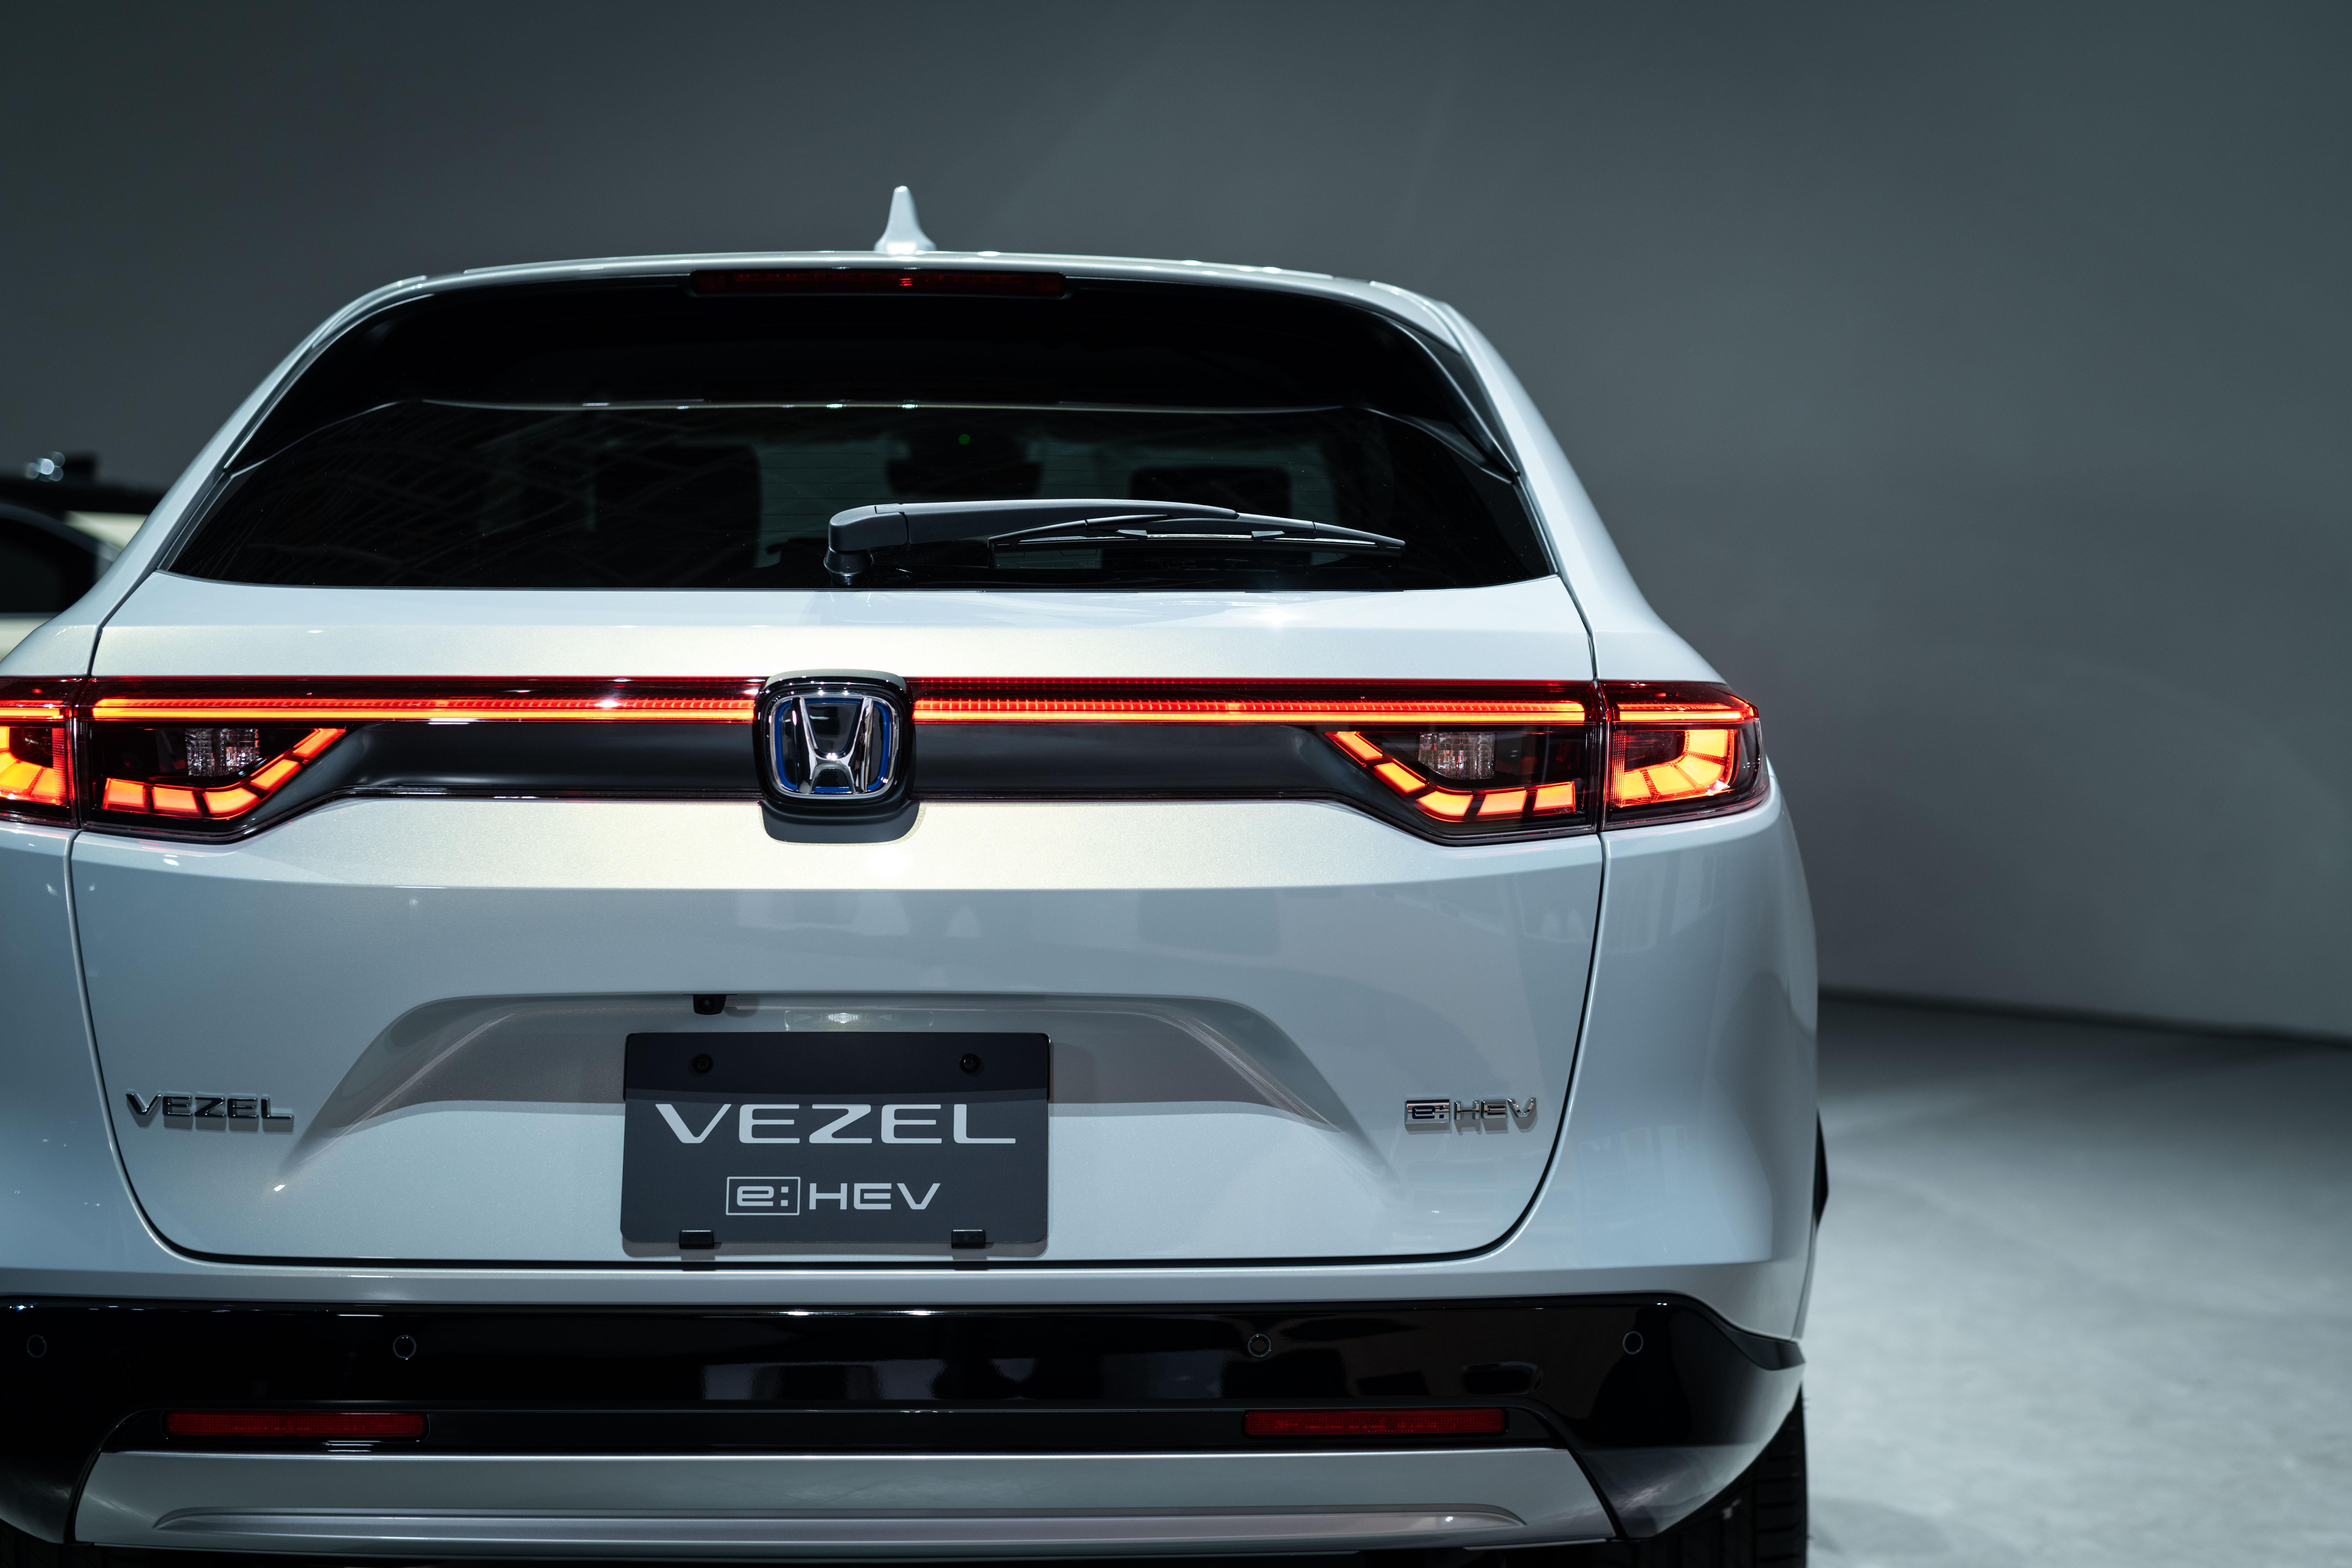 ホンダの新型SUV、 e_prototype(イープロトタイプ)登場! 次期型ヴェゼルのEV版か?